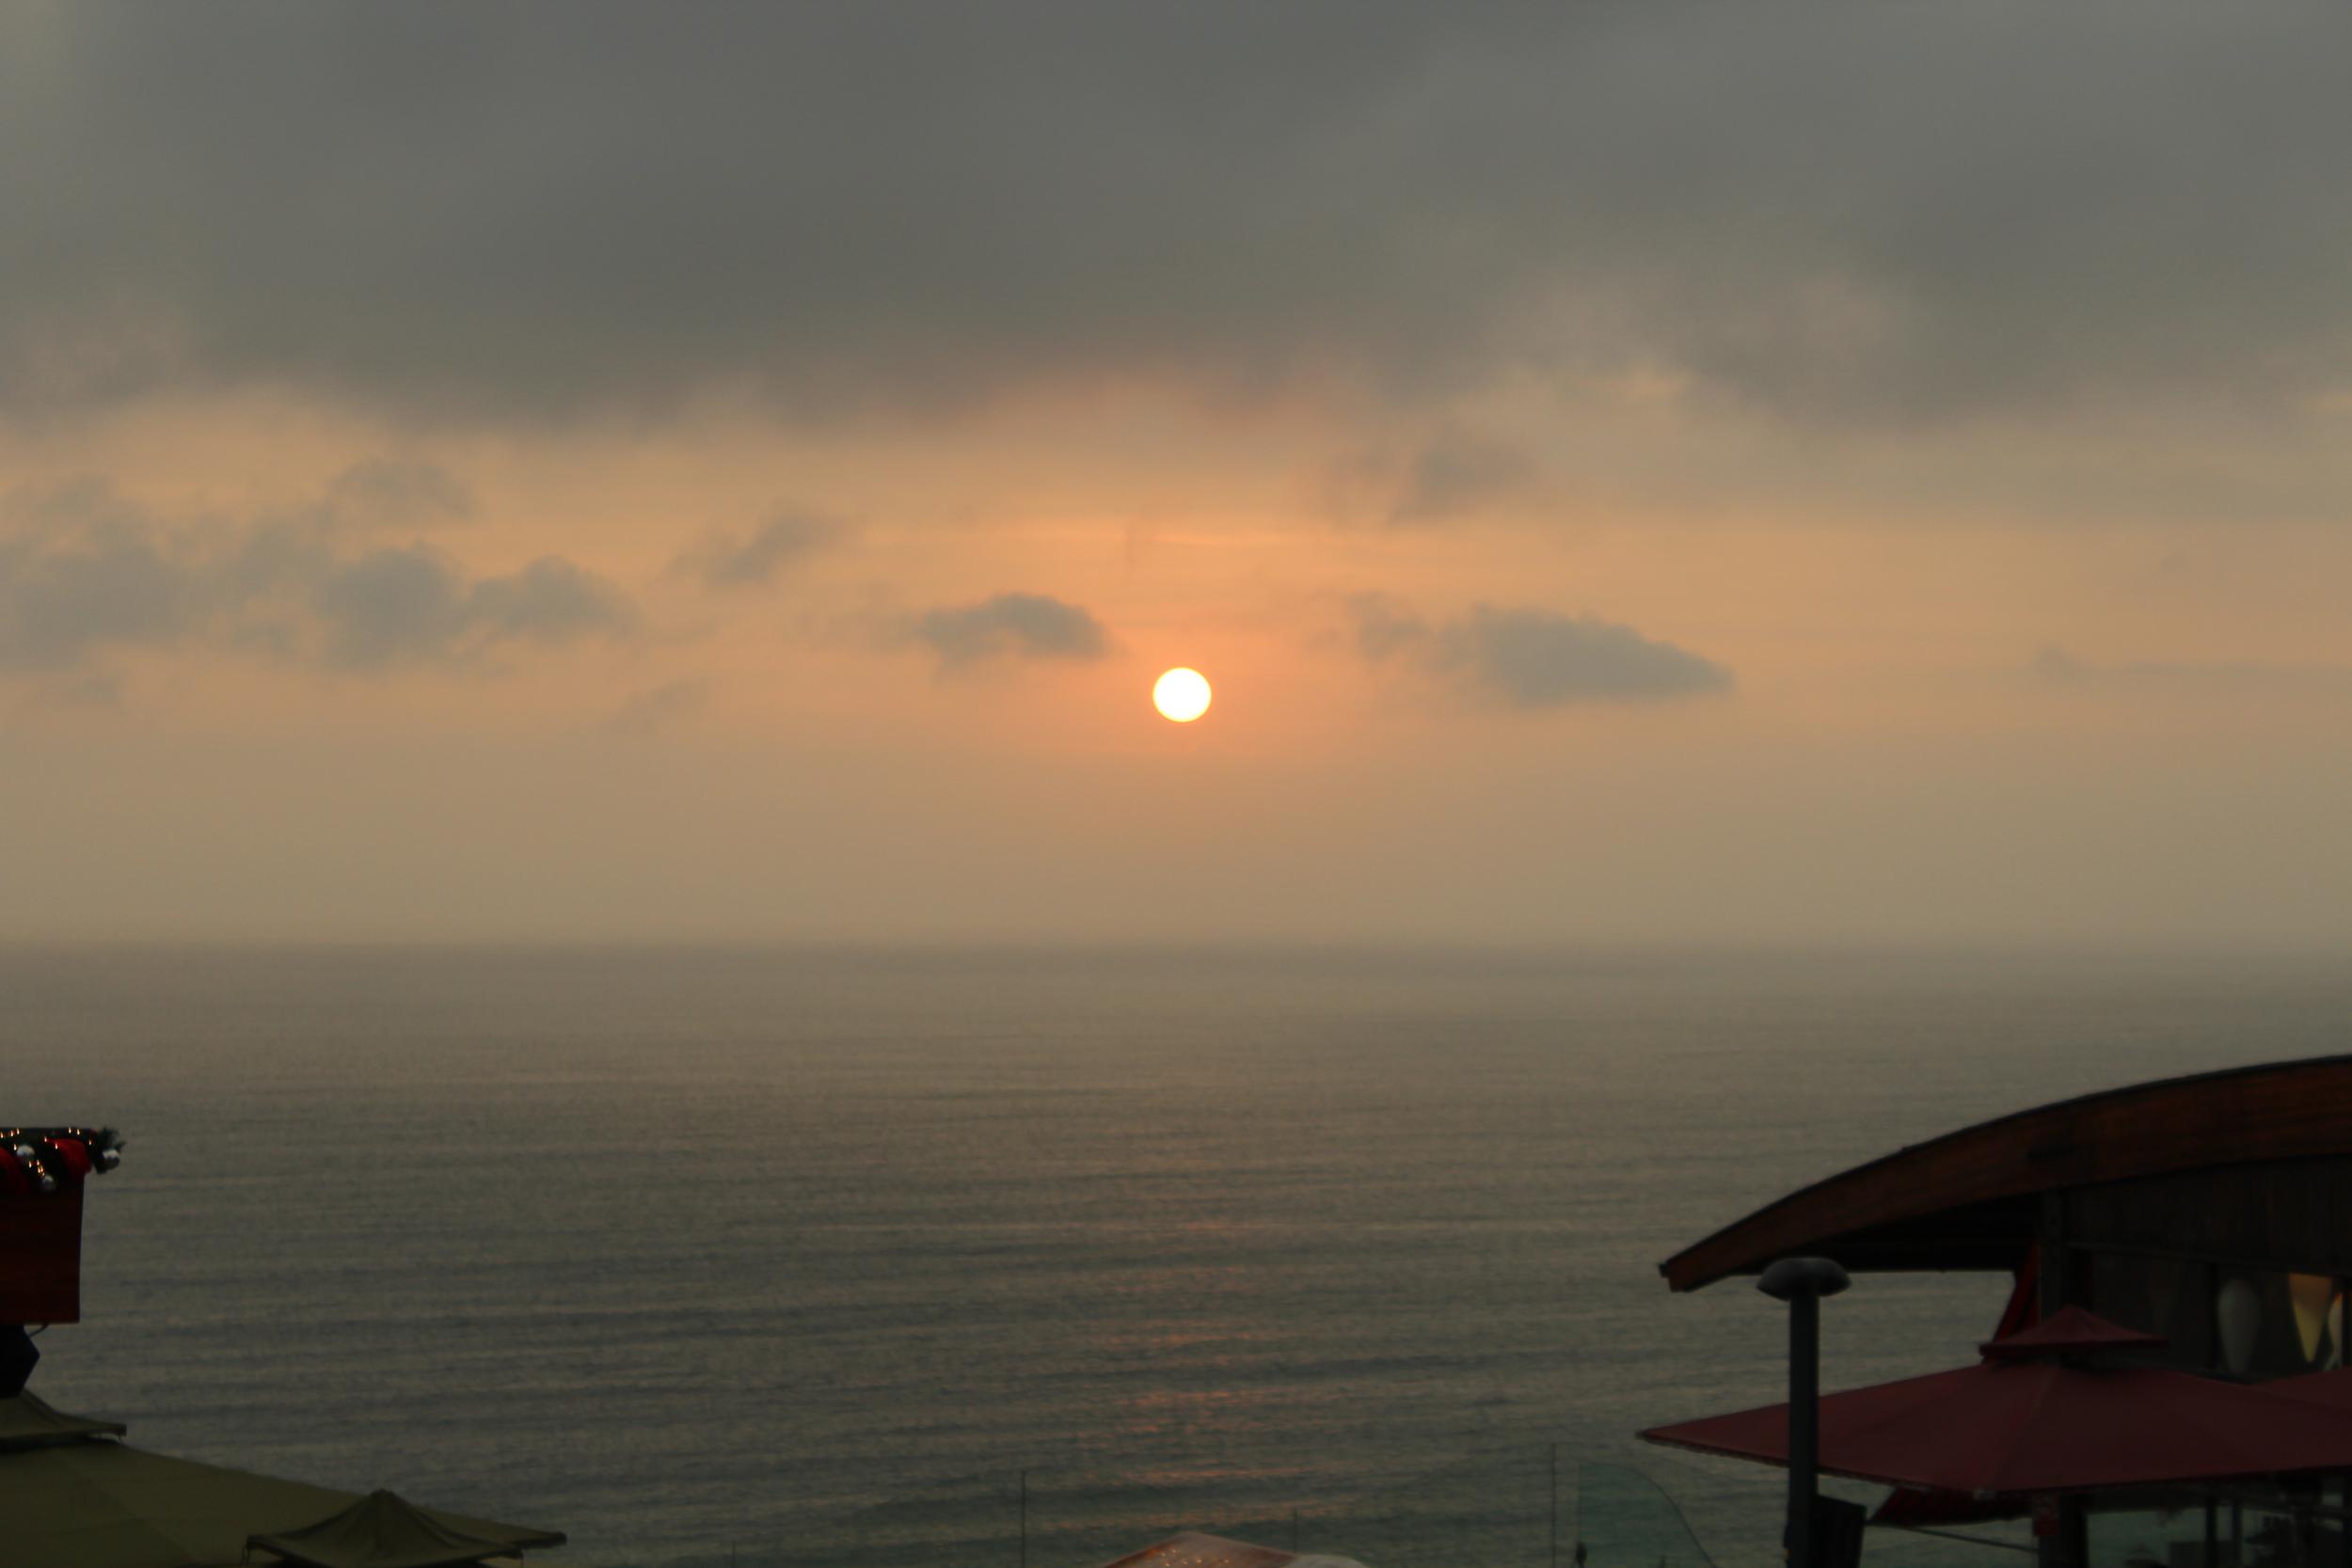 El Sol se escondía apocado ante el cielo gris. Foto: Pamy Rojas